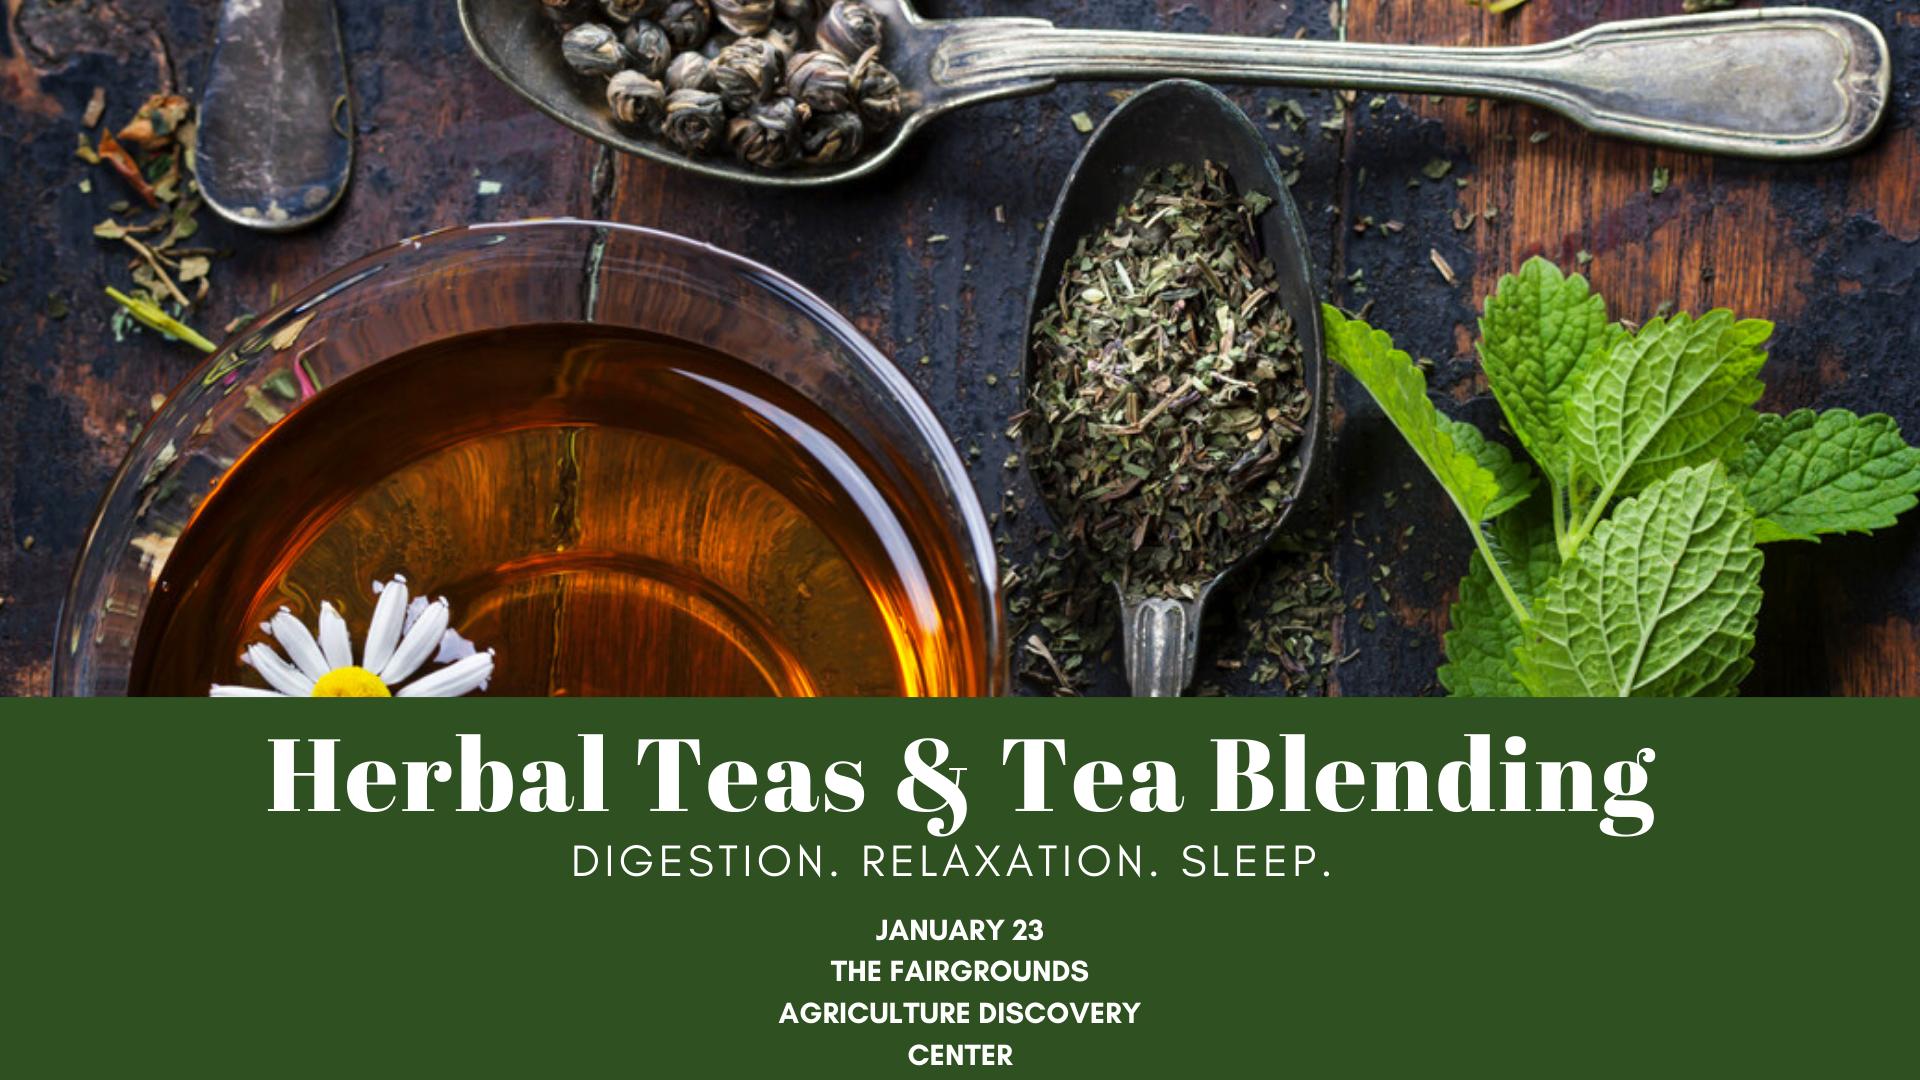 Herbal Teas and Tea Blending